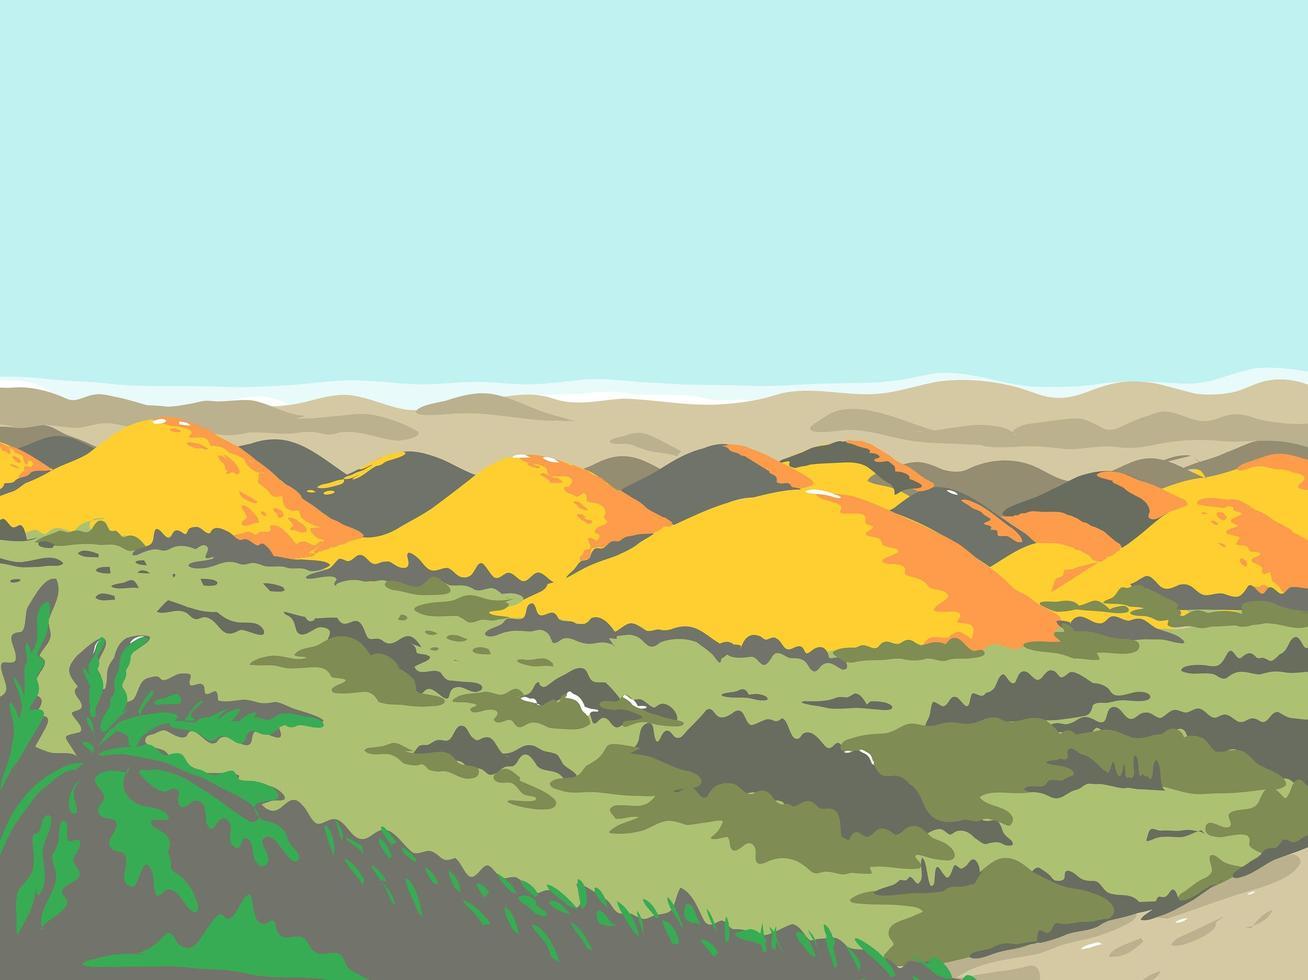 les collines de chocolat style rétro wpa vecteur